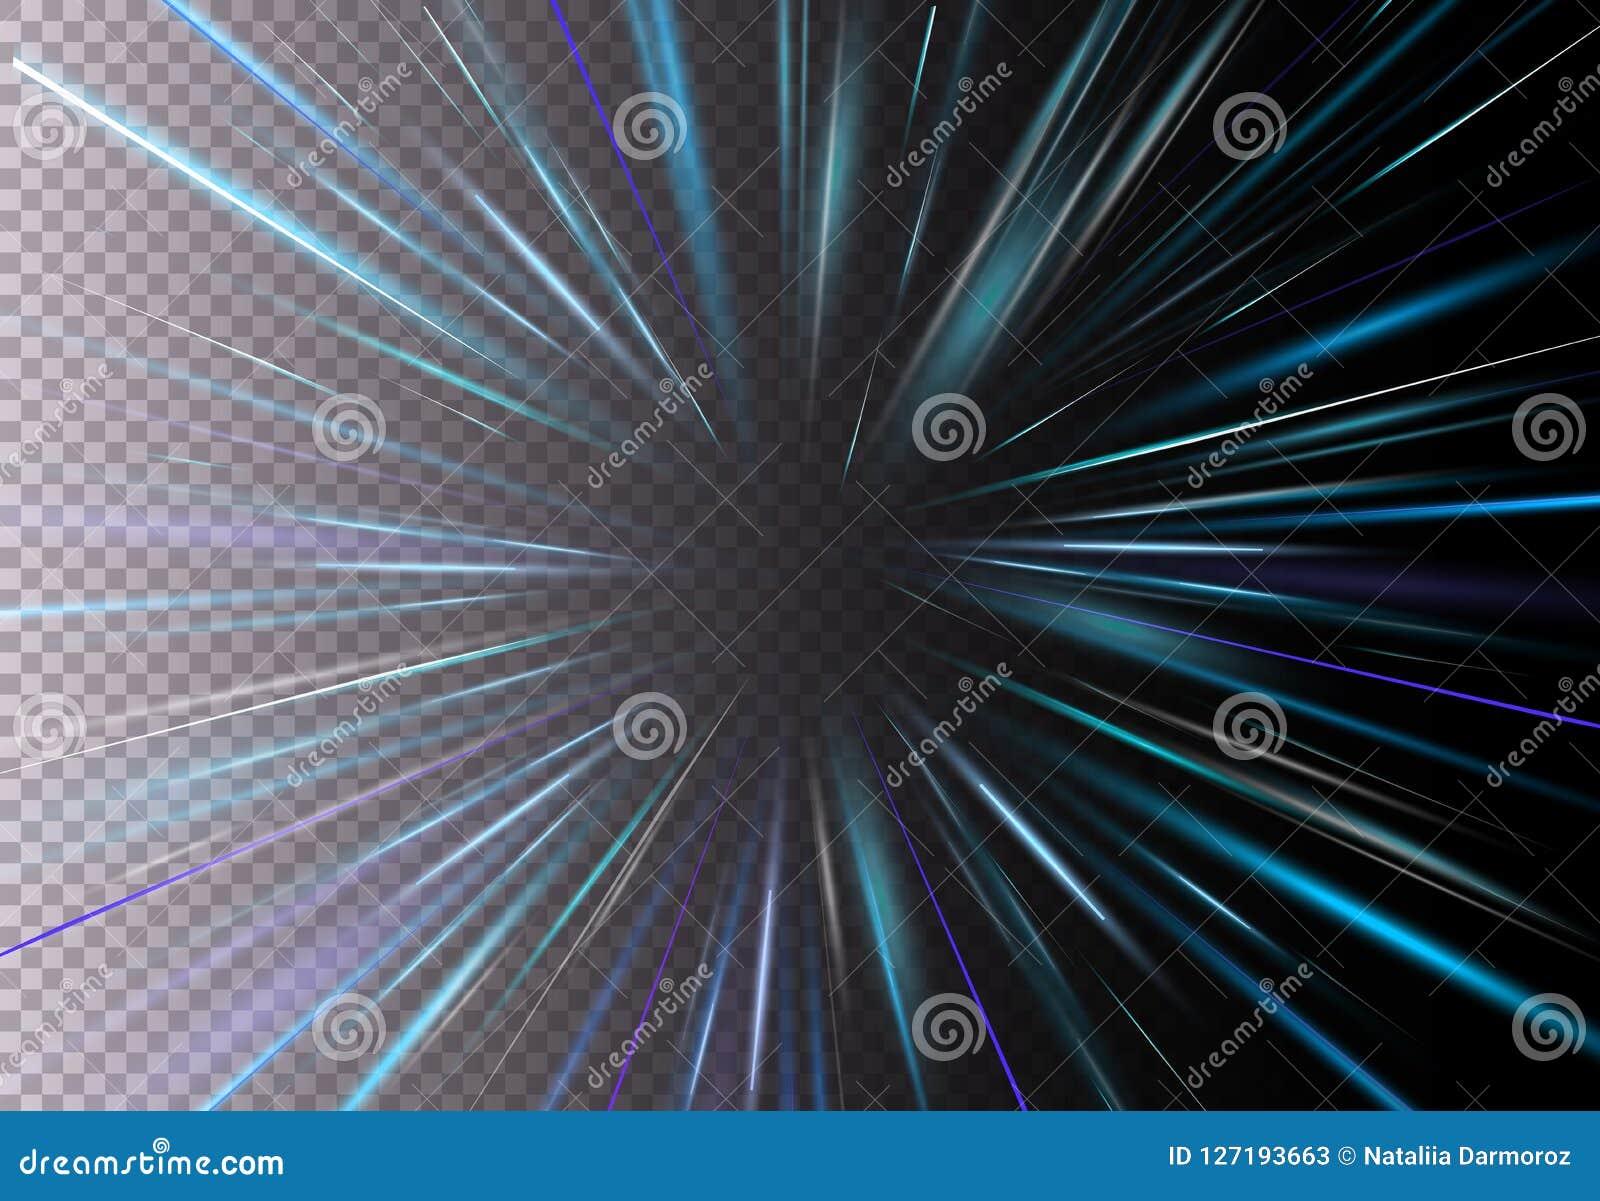 Vectorillustratie van hoge snelheid, motie lichteffect, licht met lensgloed Starburst snelle beweging op transparant